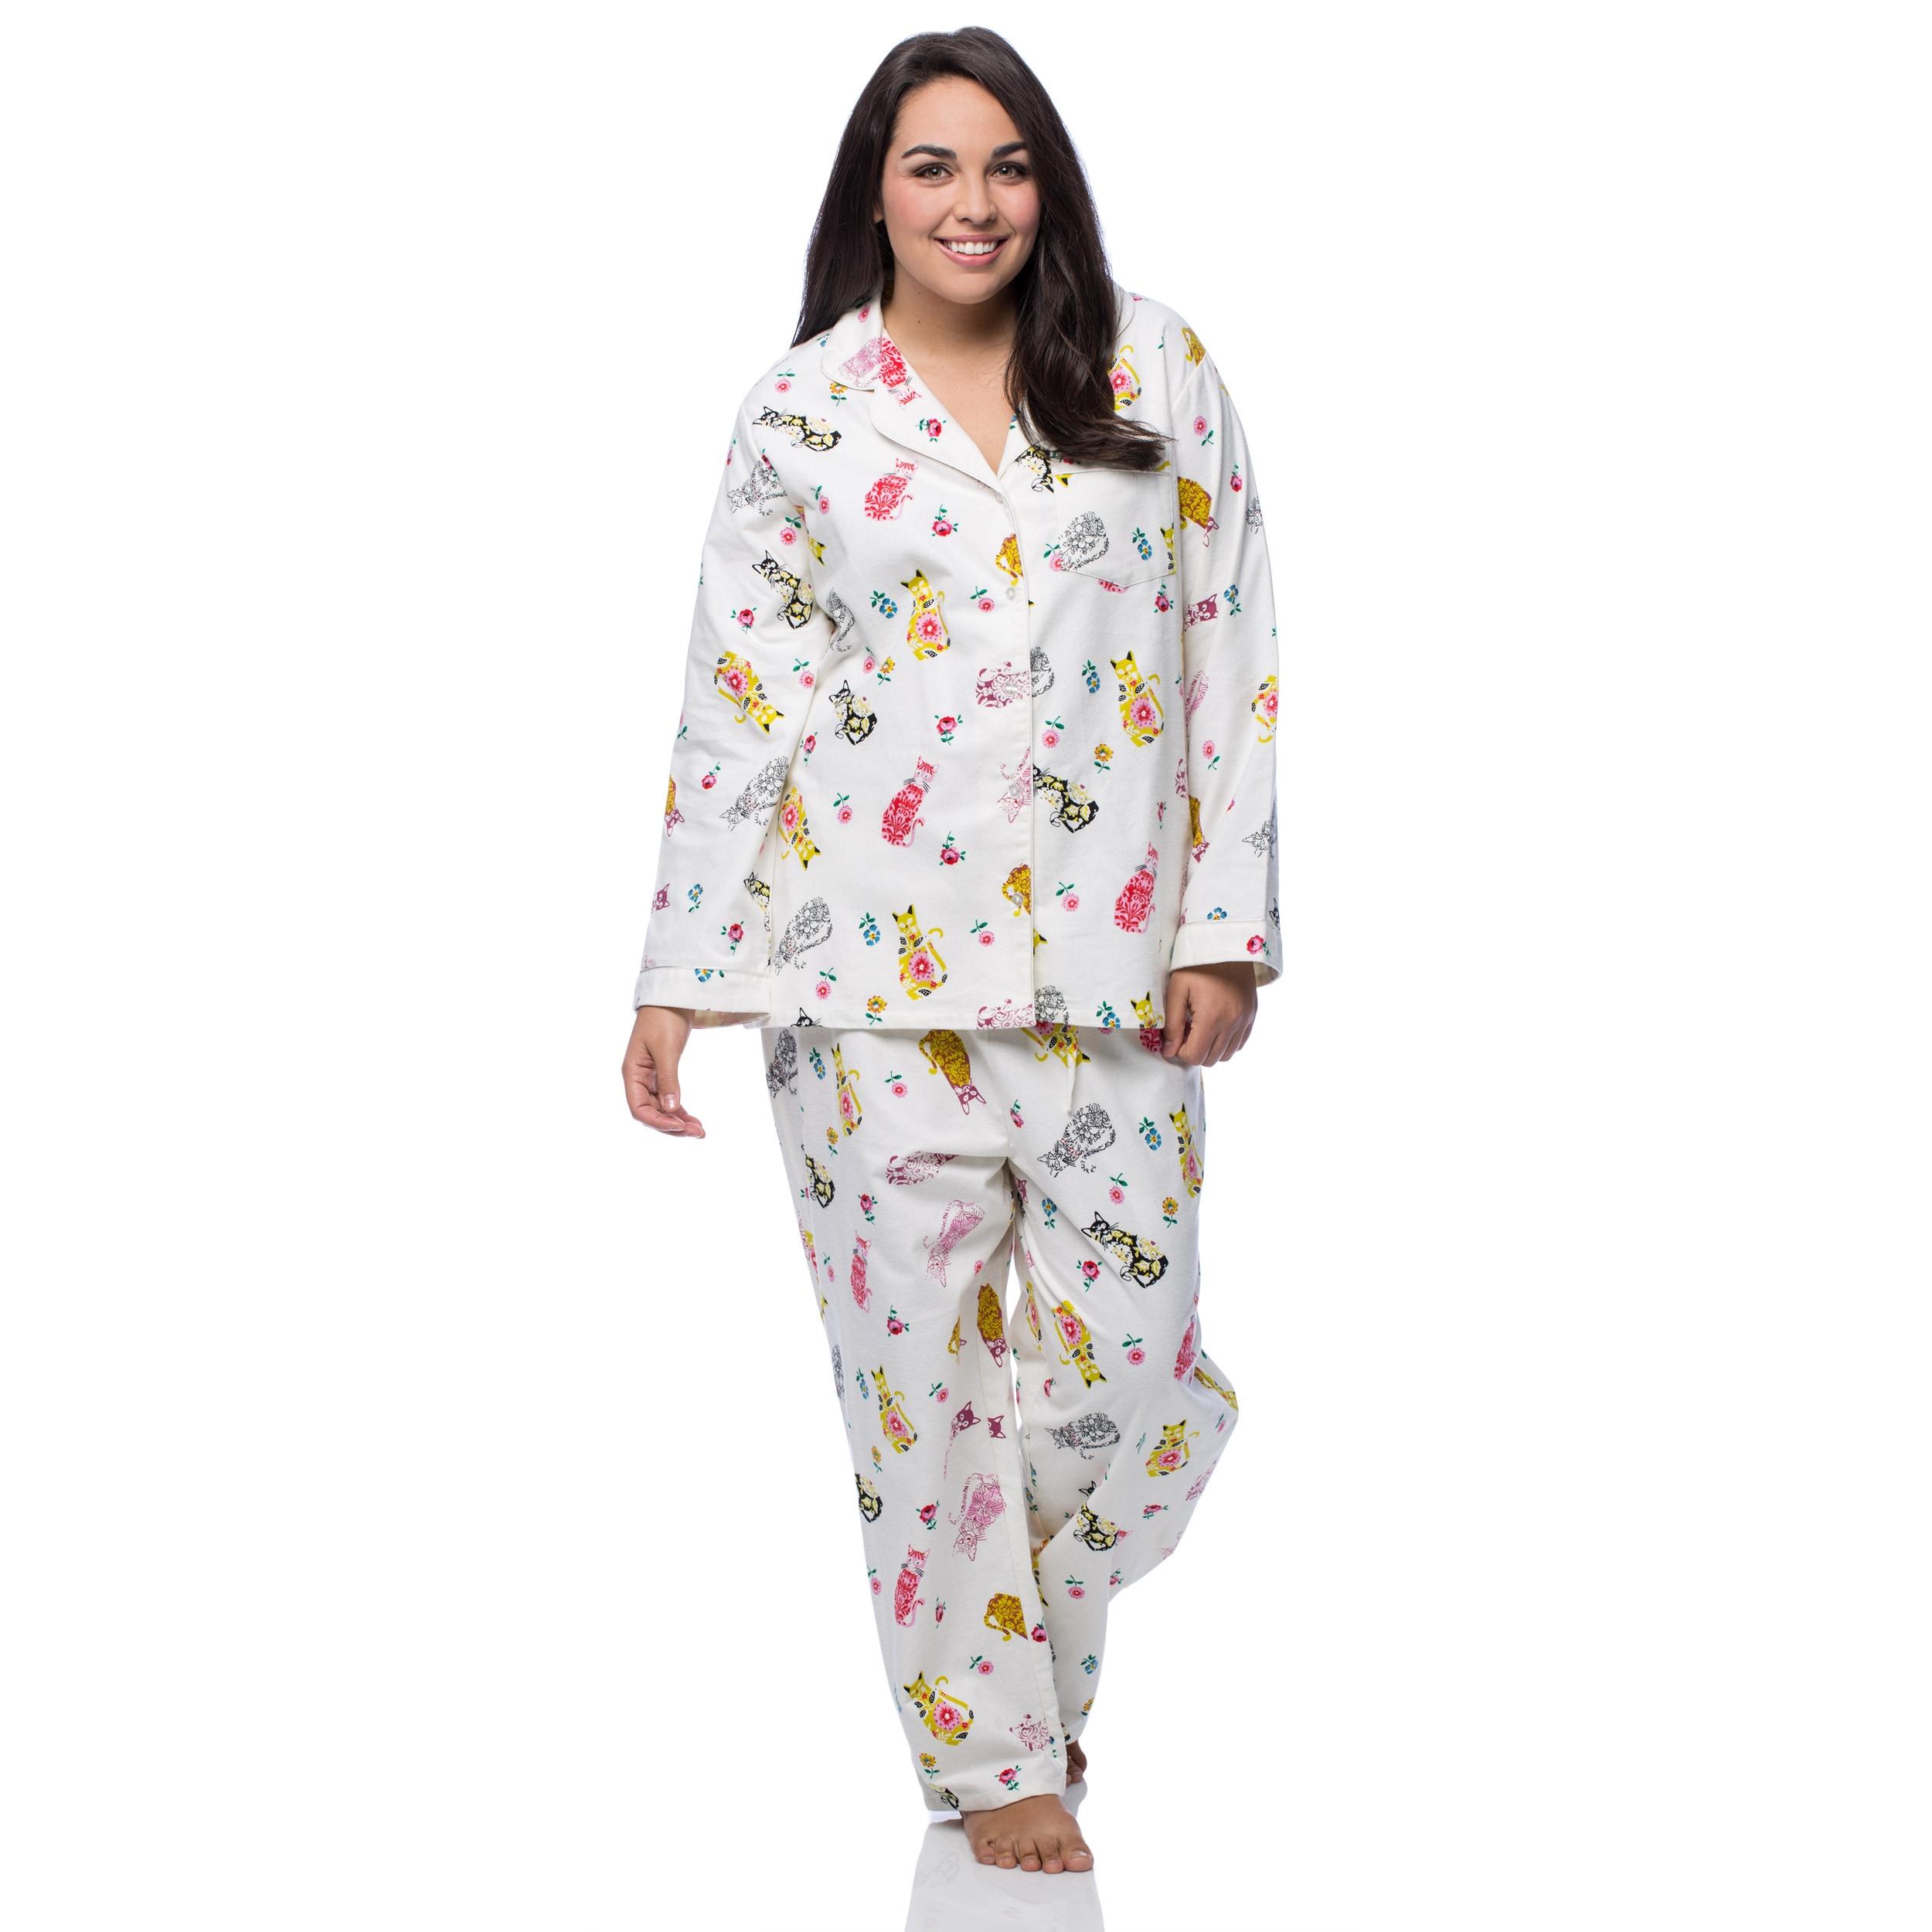 04692dea407 La Cera Women s Plus Size Cat Print Cotton Flannel Pajama Set